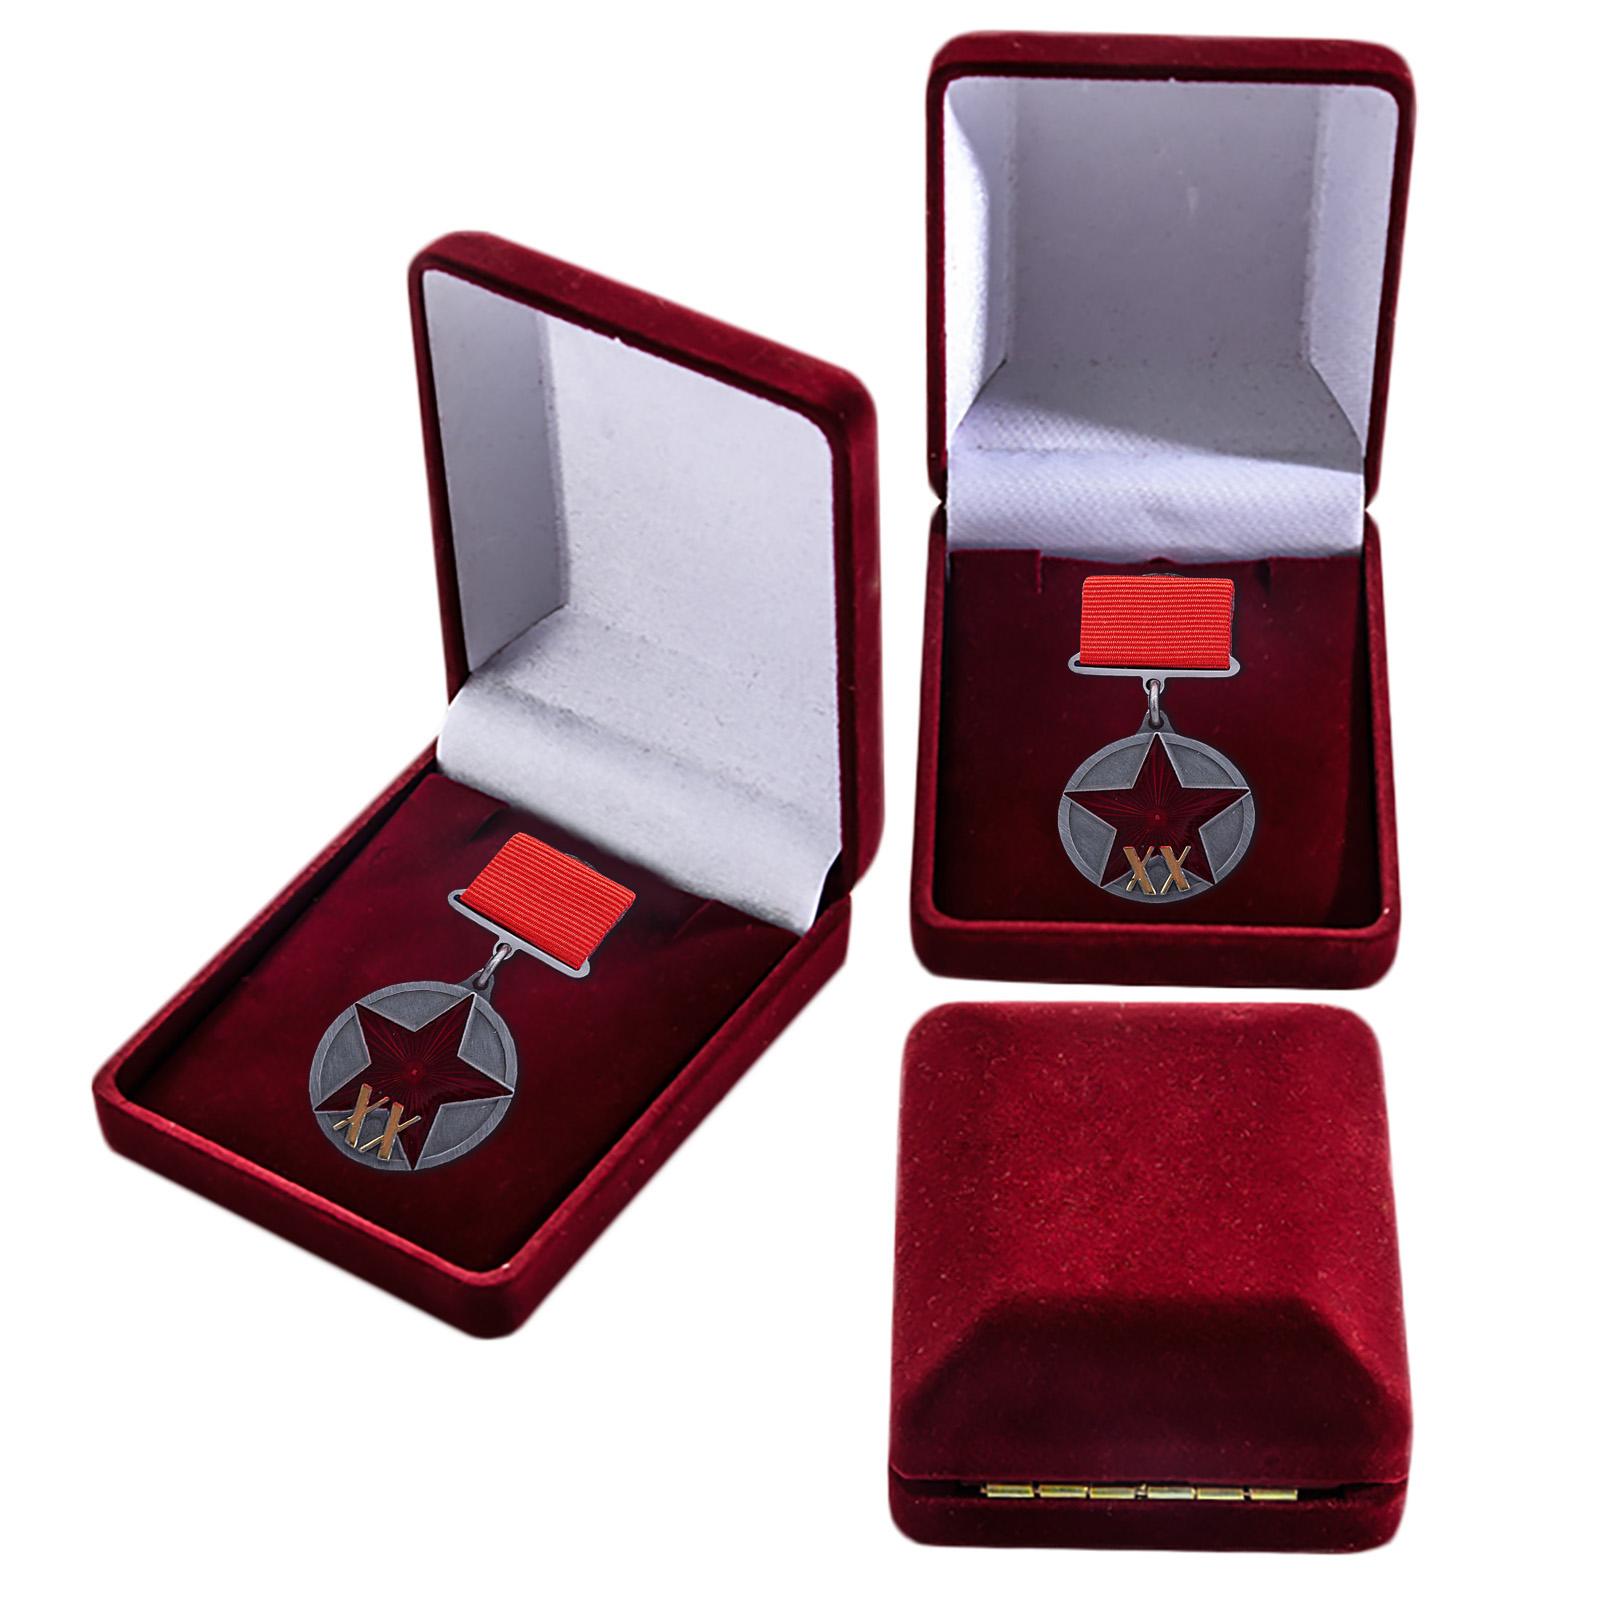 Юбилейная медаль РККА - качественная реплика